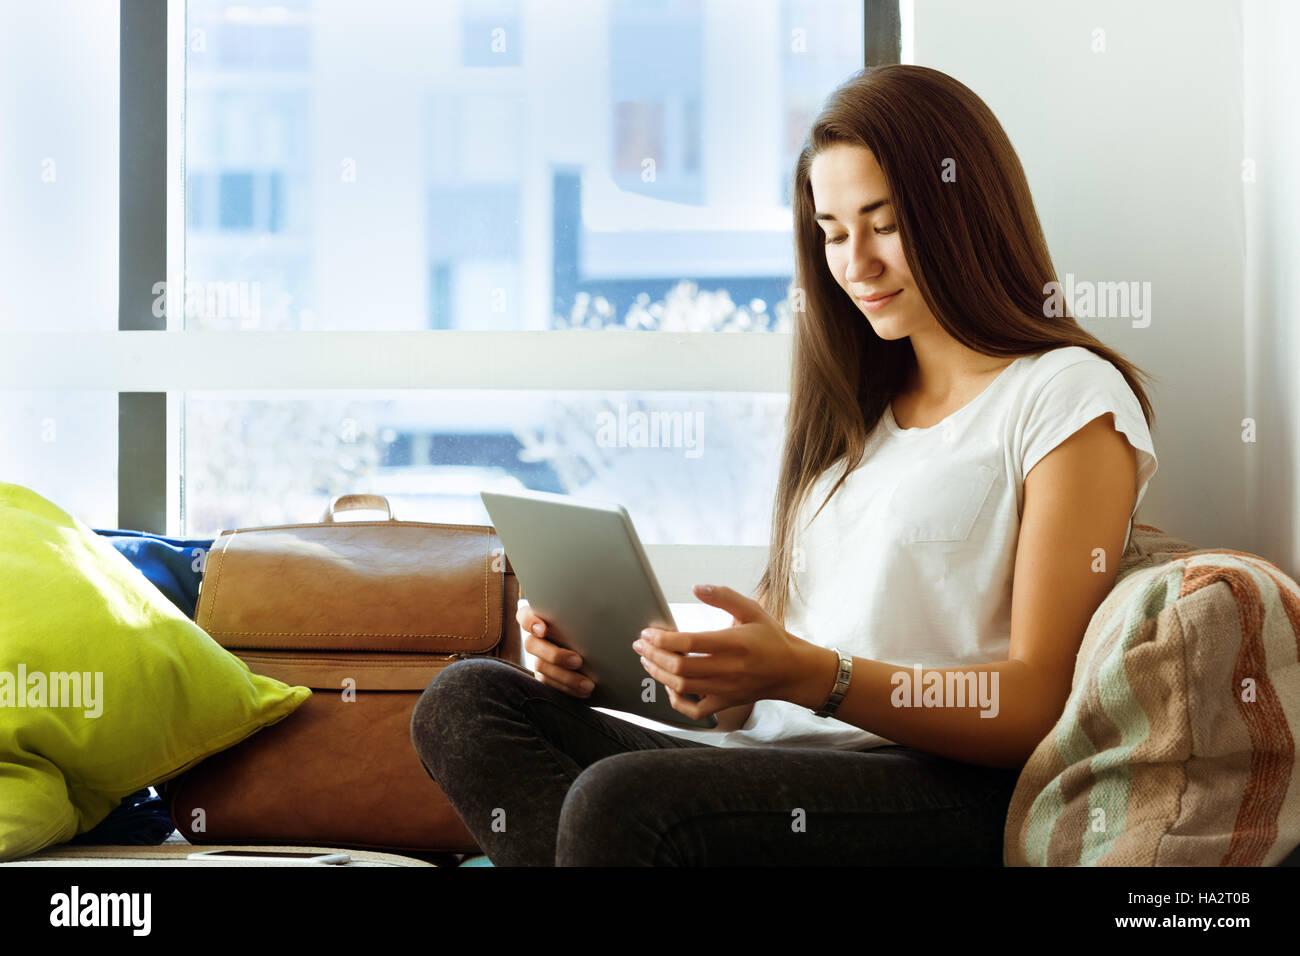 Bella ragazza computer tablet coffee shop Immagini Stock